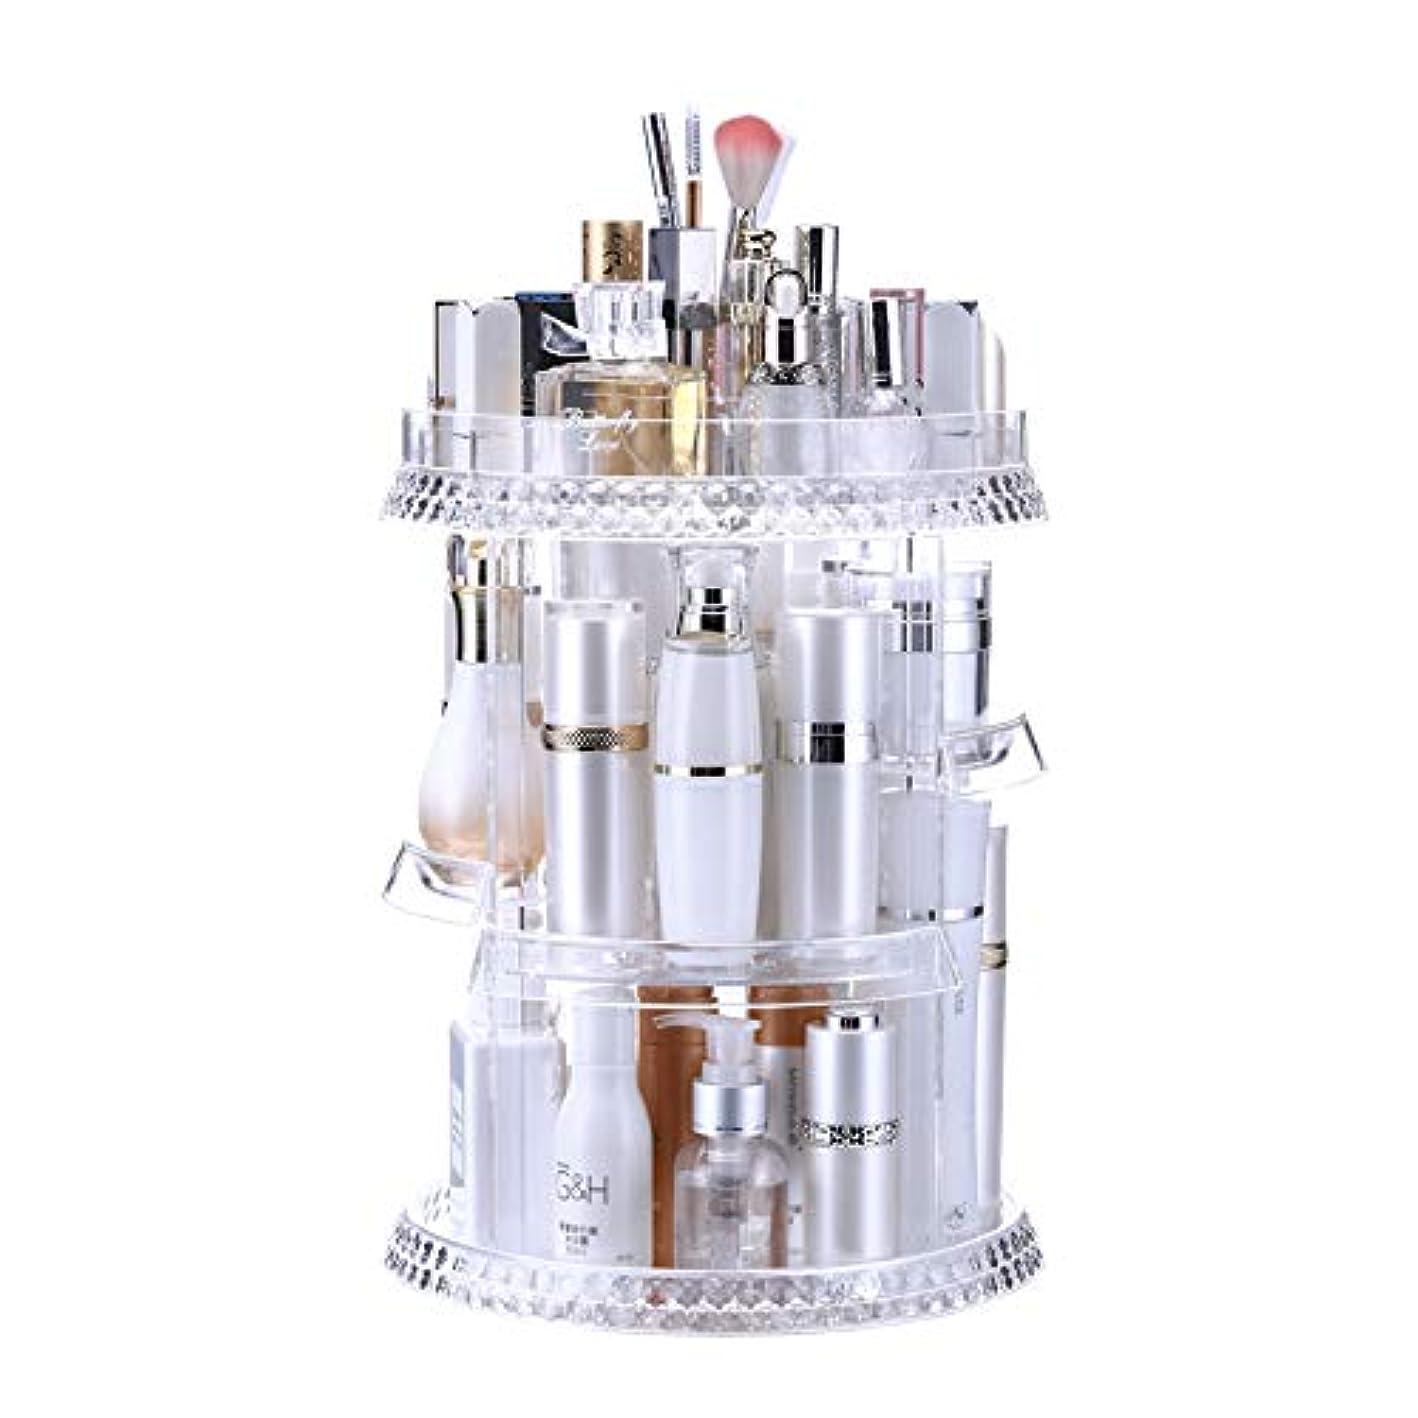 拒絶するがっかりする水Starmory メイクボックス 360度回転式 大容量 (ダイヤモンドクリスタルスタイル) メイクケース 香水 口紅 化粧道具 収納 高さ調節可能 透明プラスチック化粧品ケース